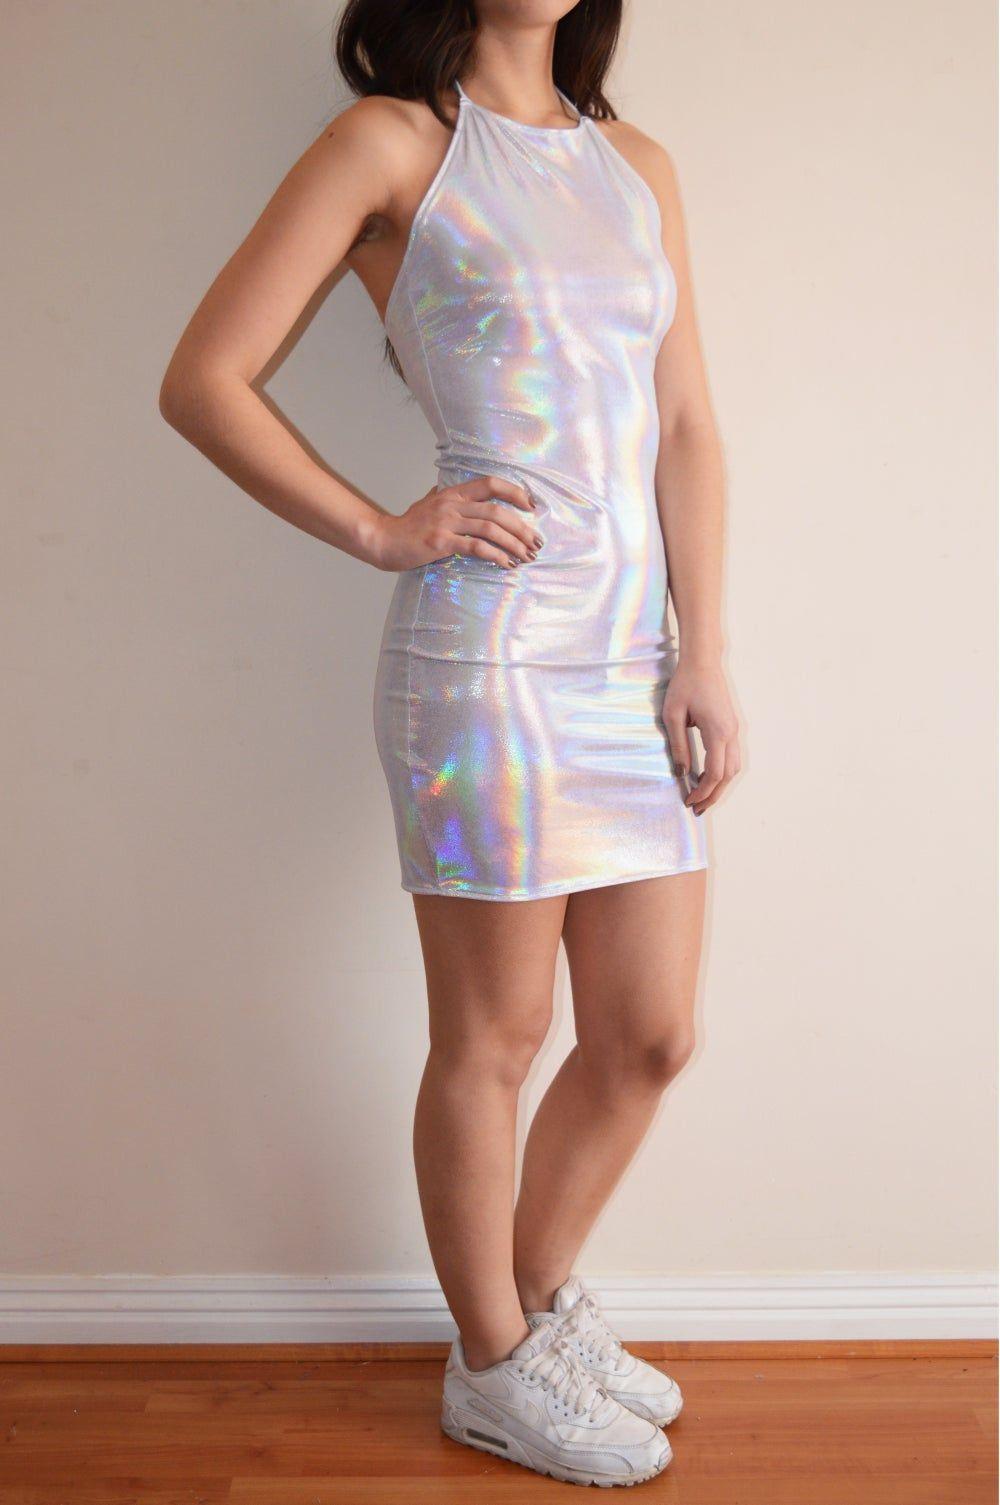 holografisches kleid   kleidung, kleider, holografisch